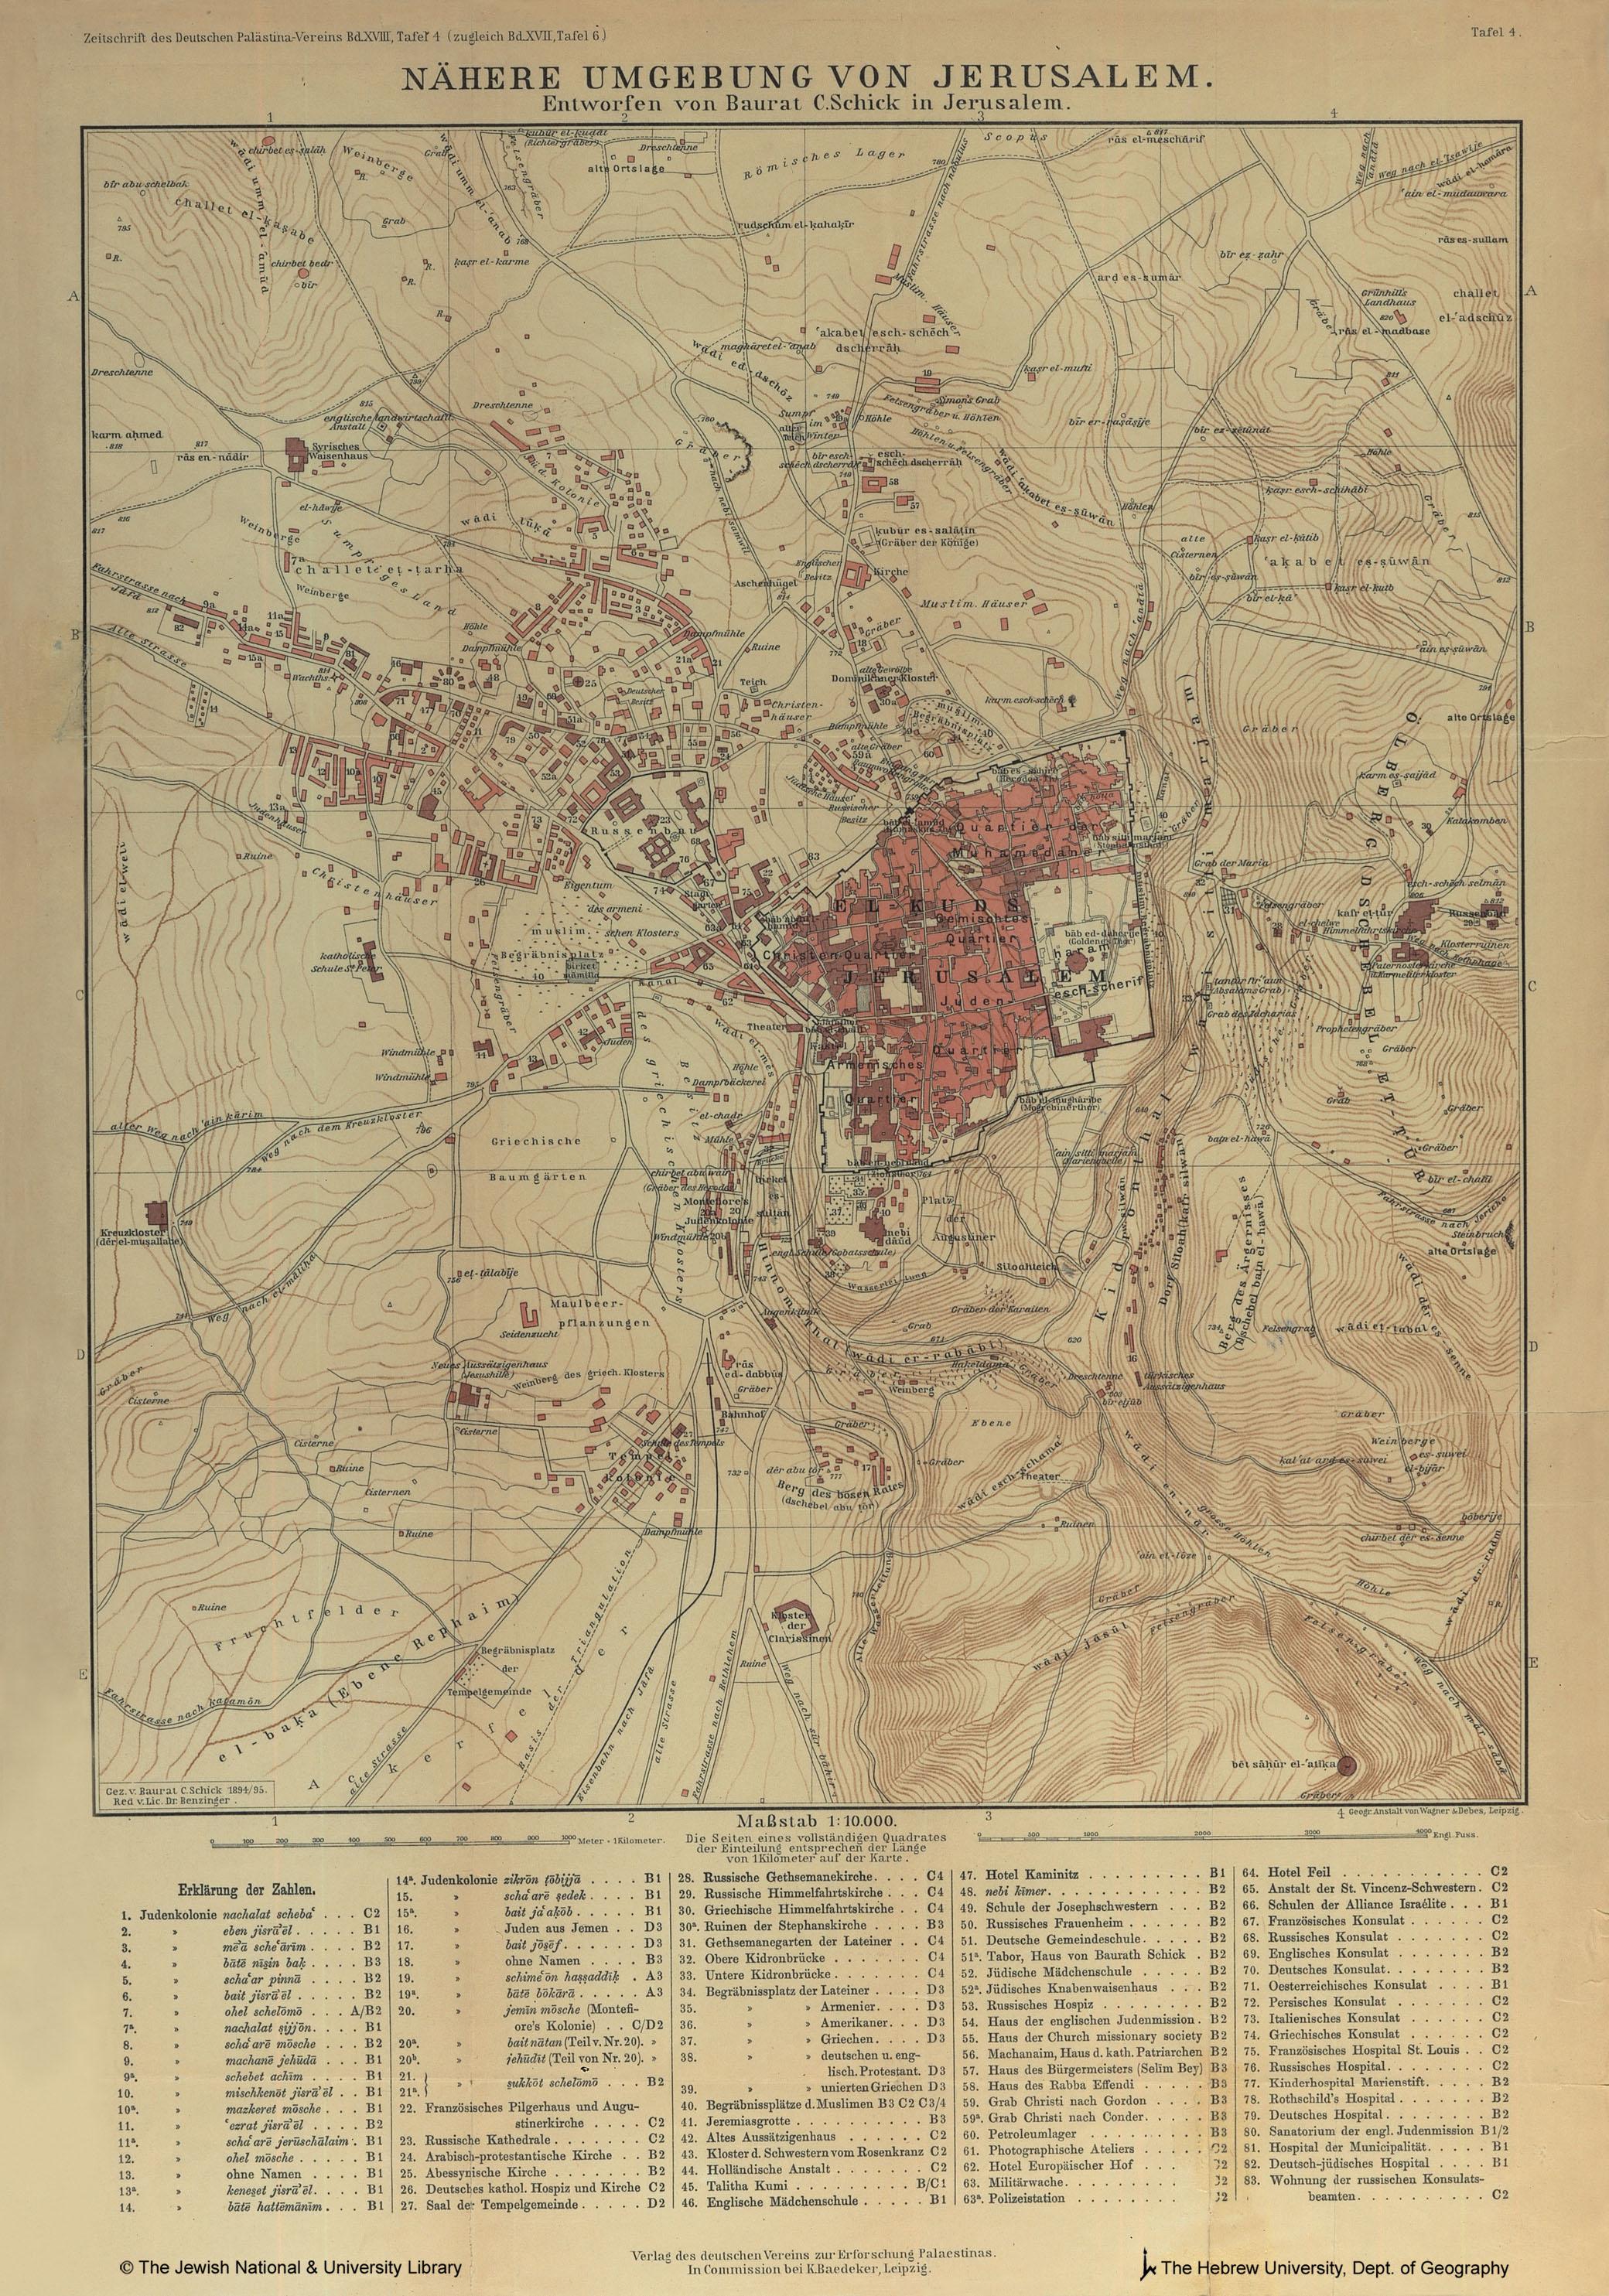 Jerusalem-Conrad Schick-1894-95